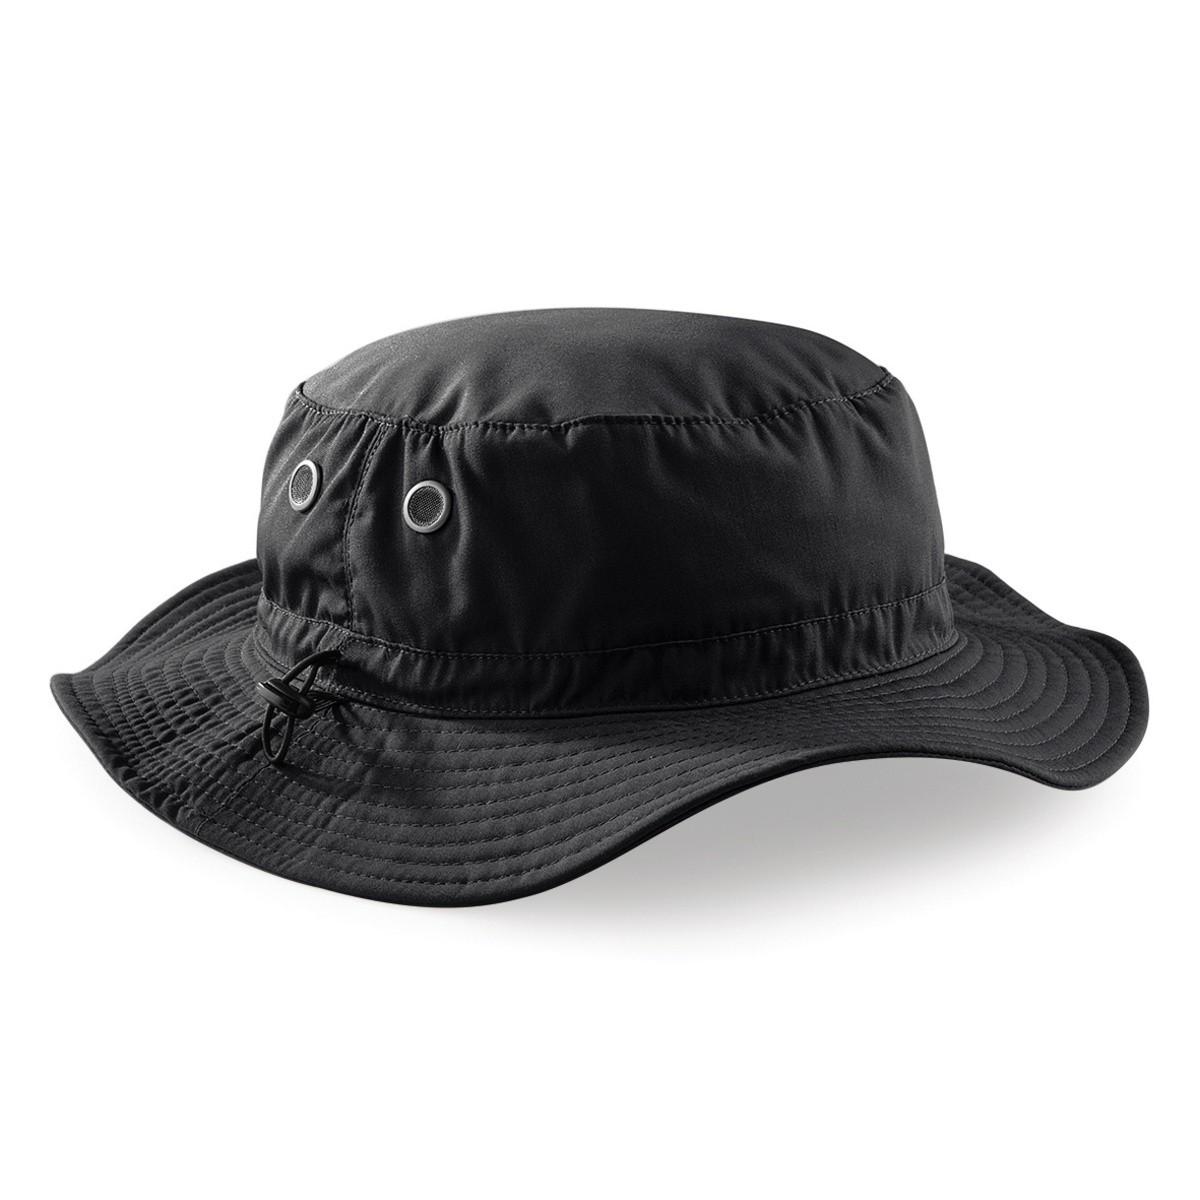 Xumu Cappello estivo a forma di rana secchiello estivo in cotone secchio da pesca pescatore cappello da sole allaperto per bambini adulti